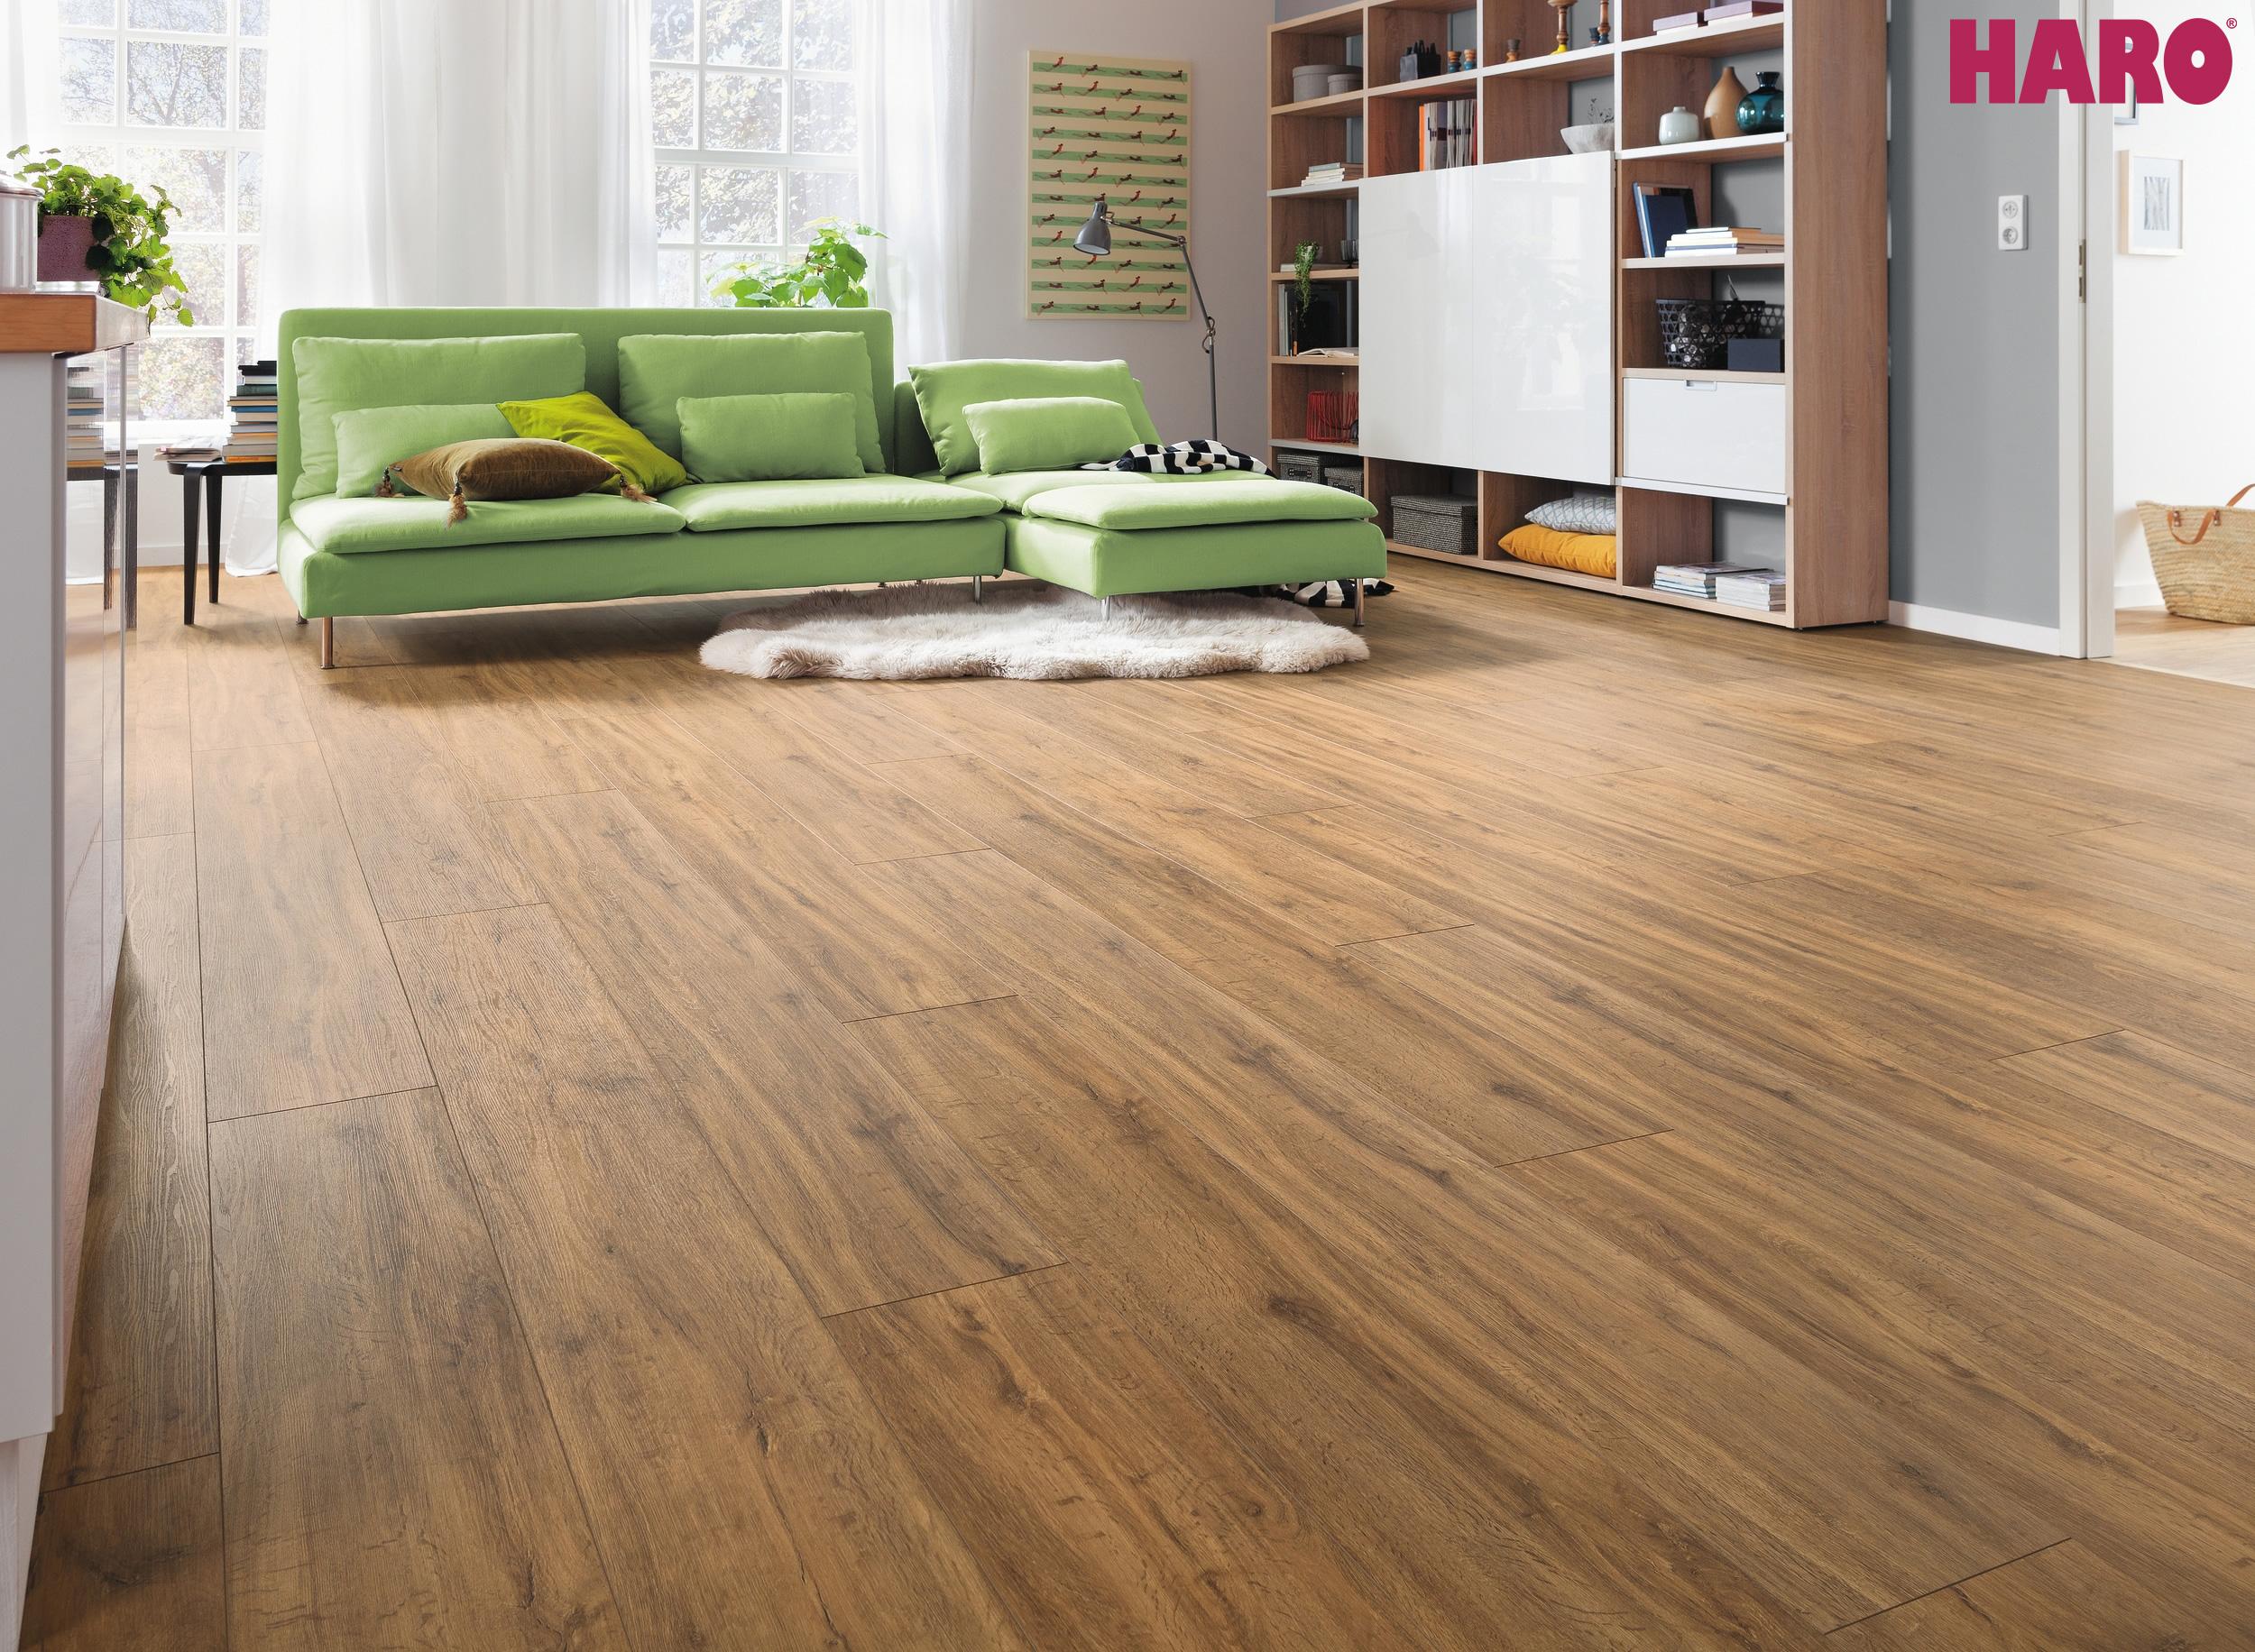 531877 disano classic by haro designboden bergeiche xl landhausdiele strukturiert mit 4v fase. Black Bedroom Furniture Sets. Home Design Ideas